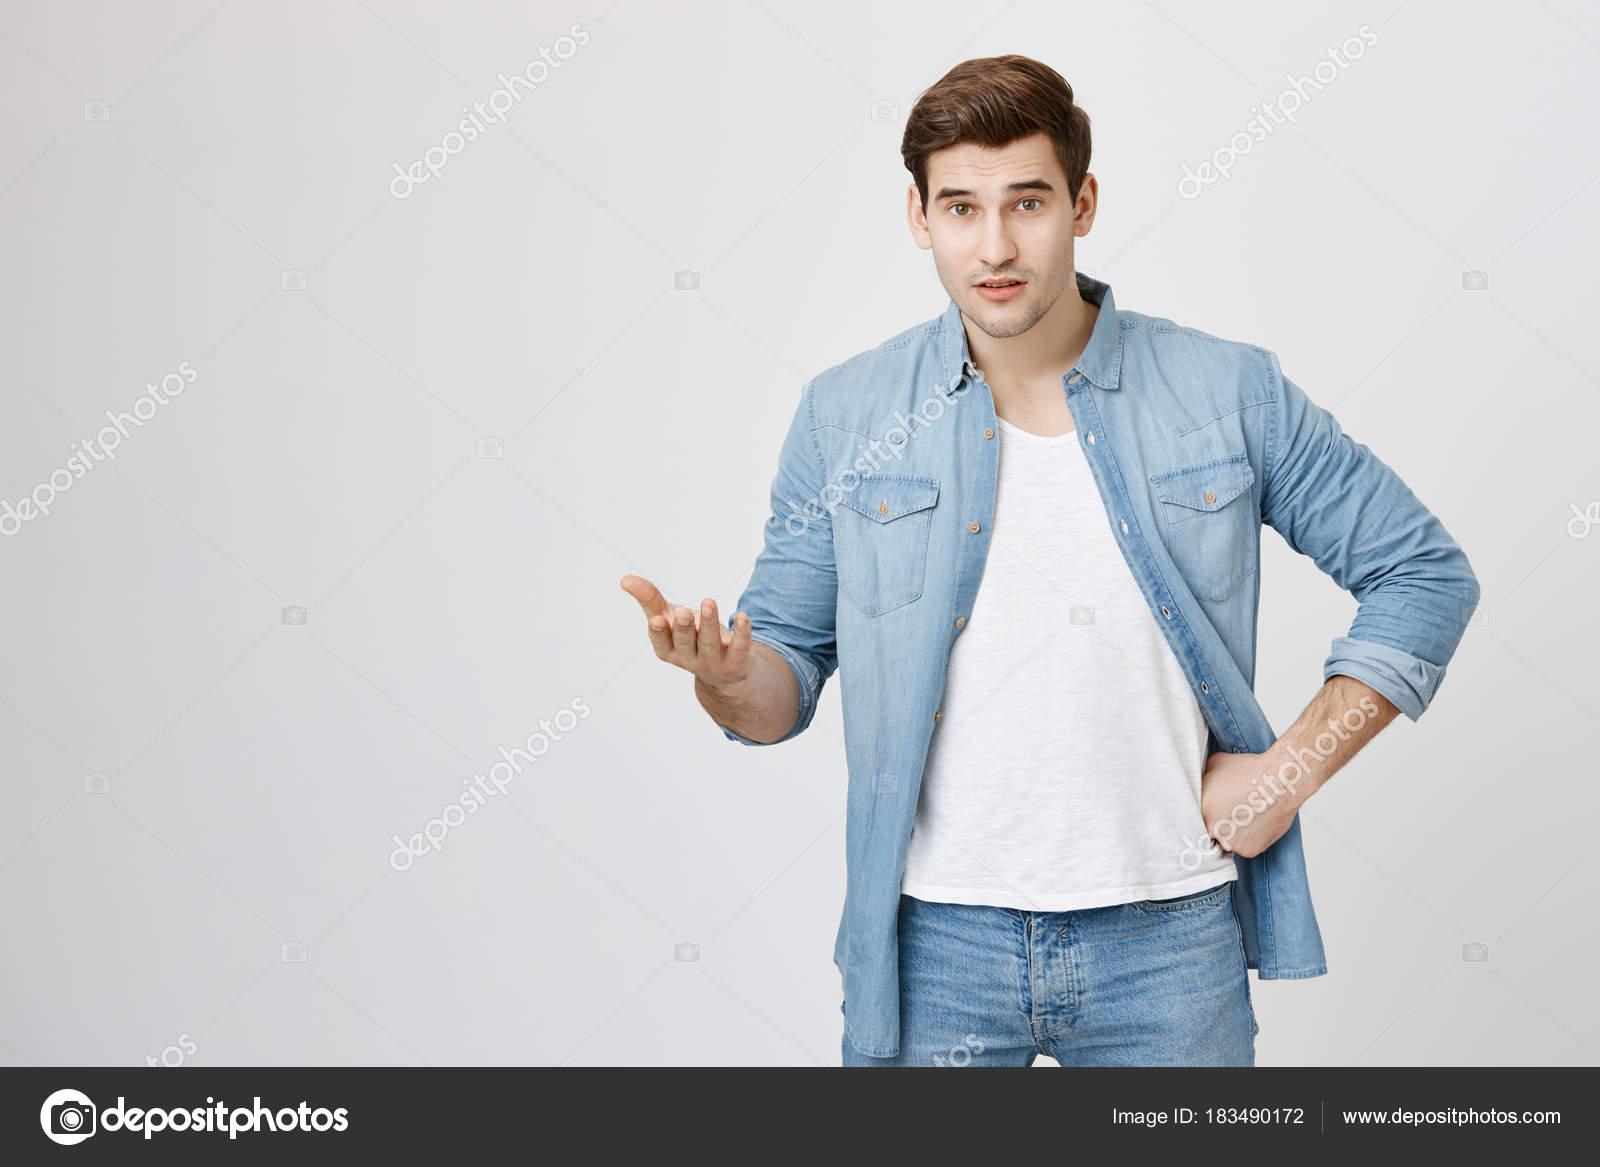 portrait interieur de beau mec avec une coupe de cheveux tendance debout en attendant la position gesticulant et tenant la main sur la taille